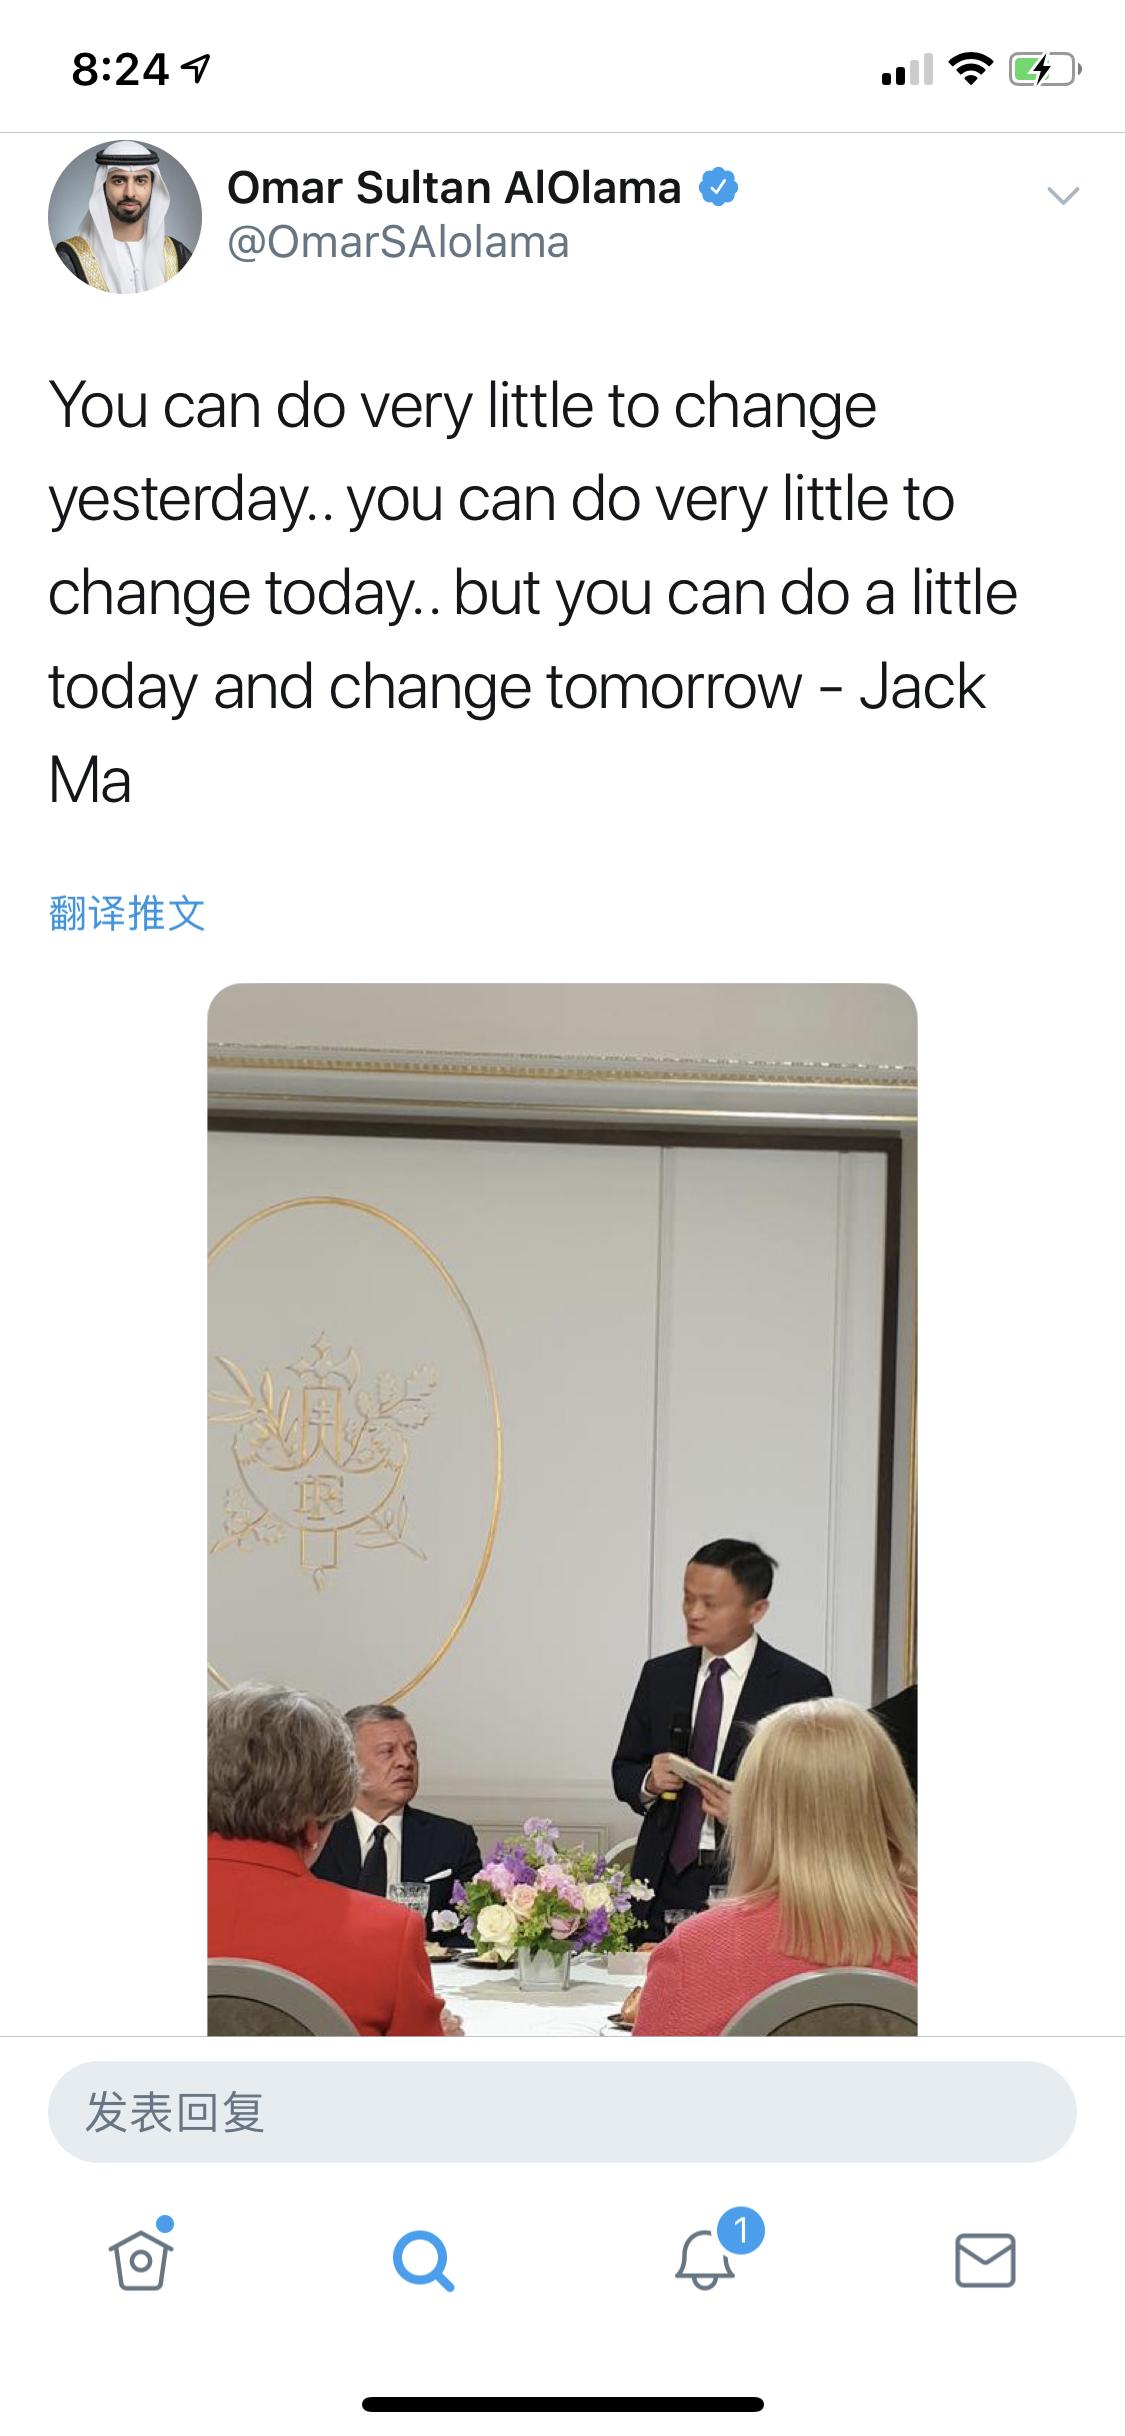 除了大会主旨演讲 马云在法国还低调的出席了一场总统晚宴